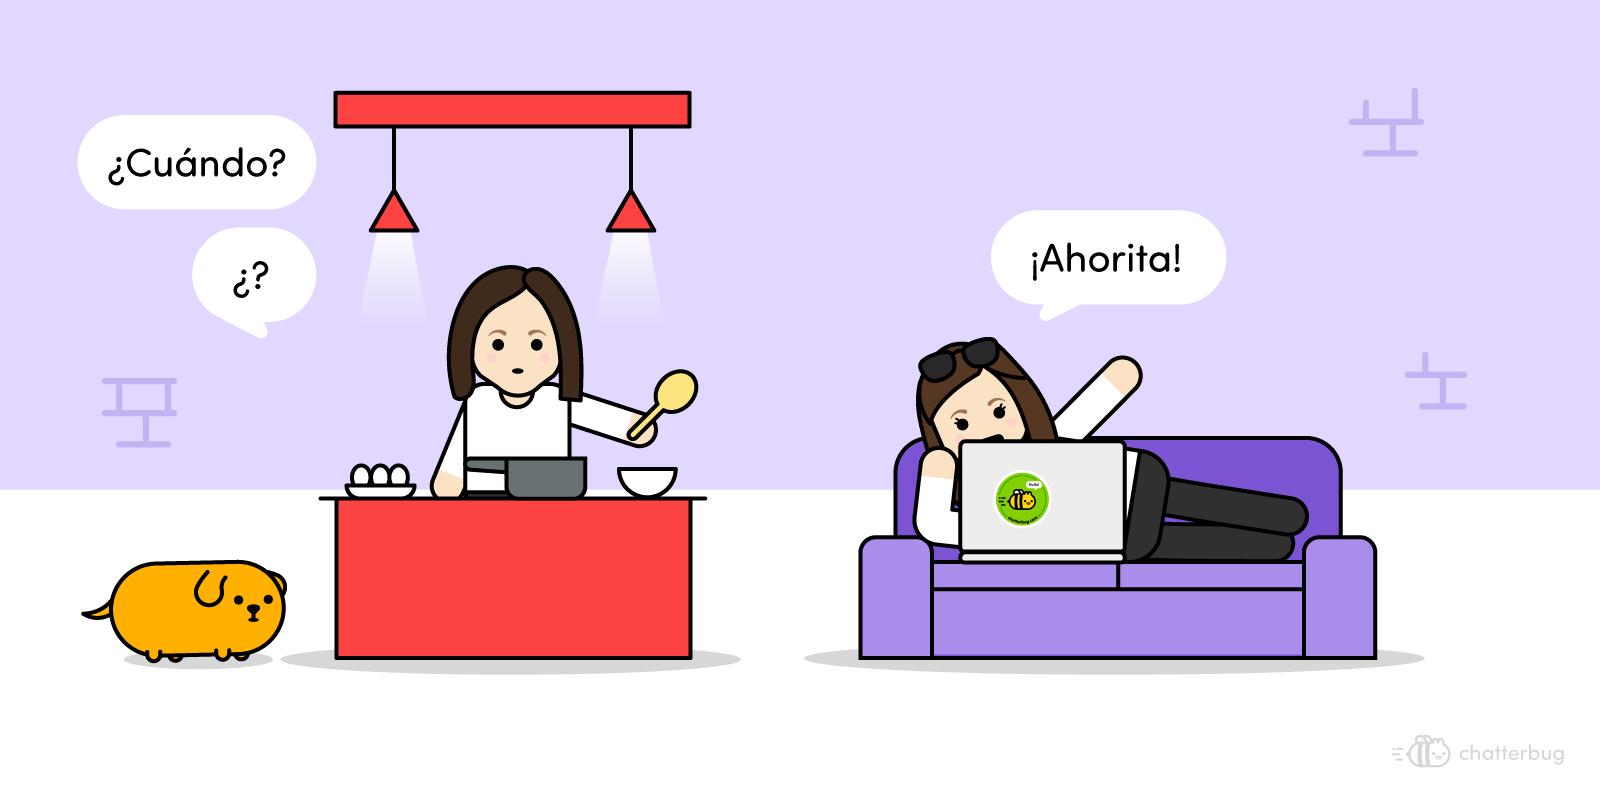 Ahorita, an elusive temporal concept image